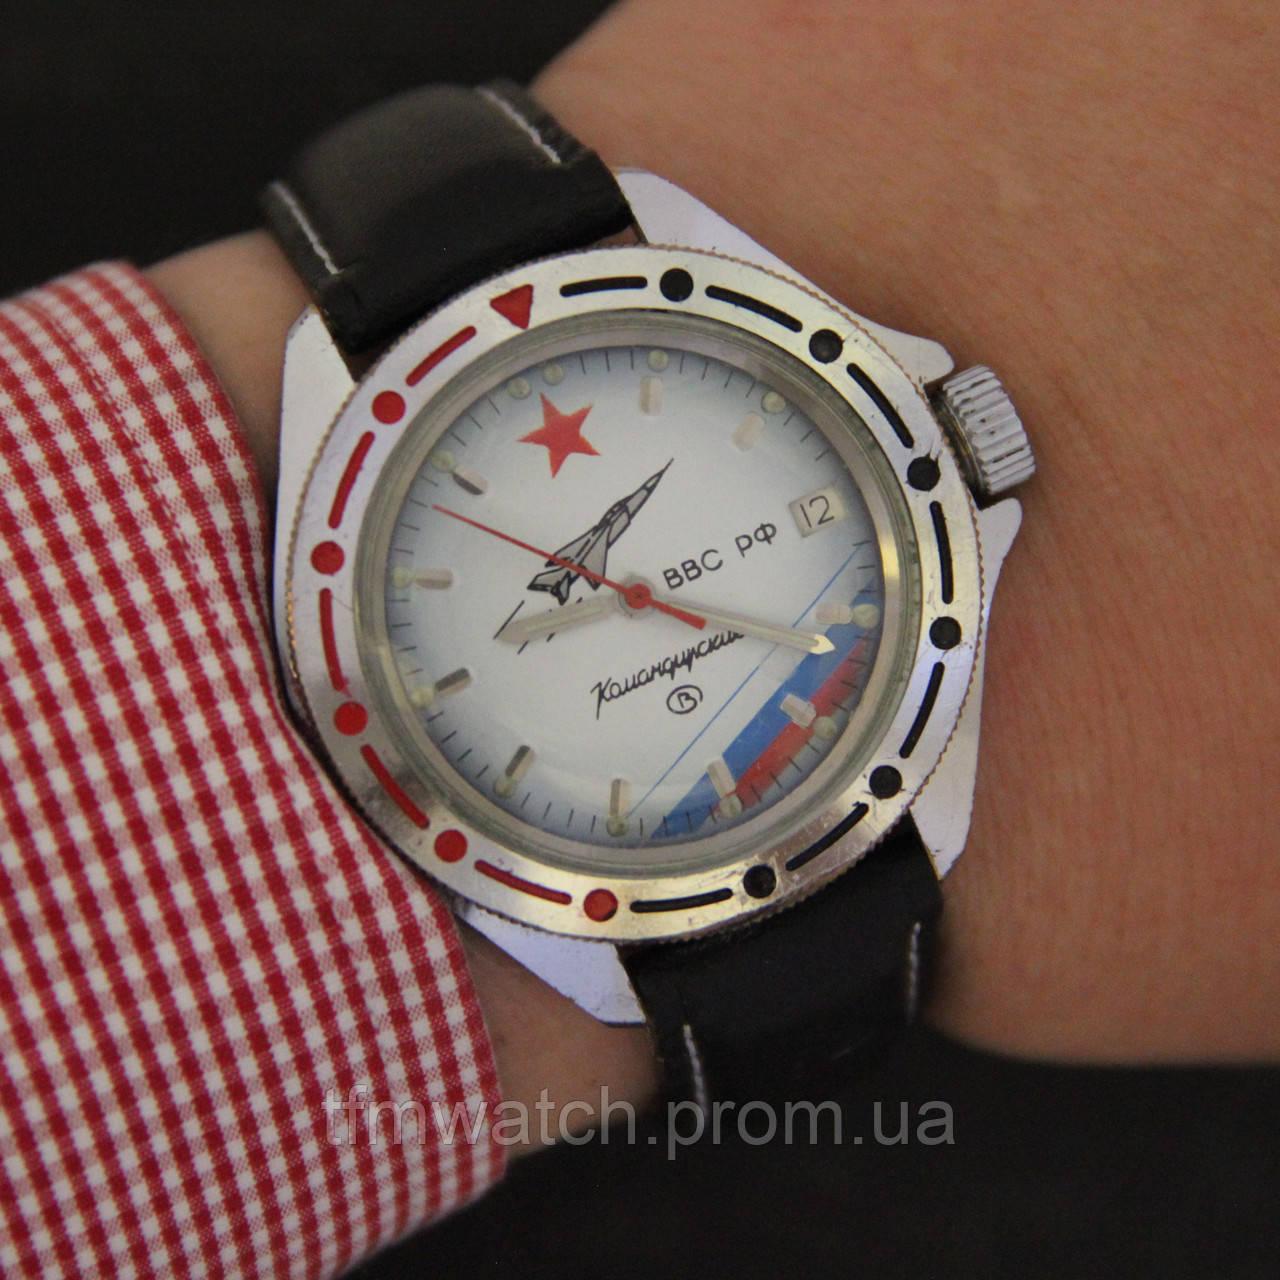 9a7006dcb760 Командирские ВВС РФ наручные механические часы